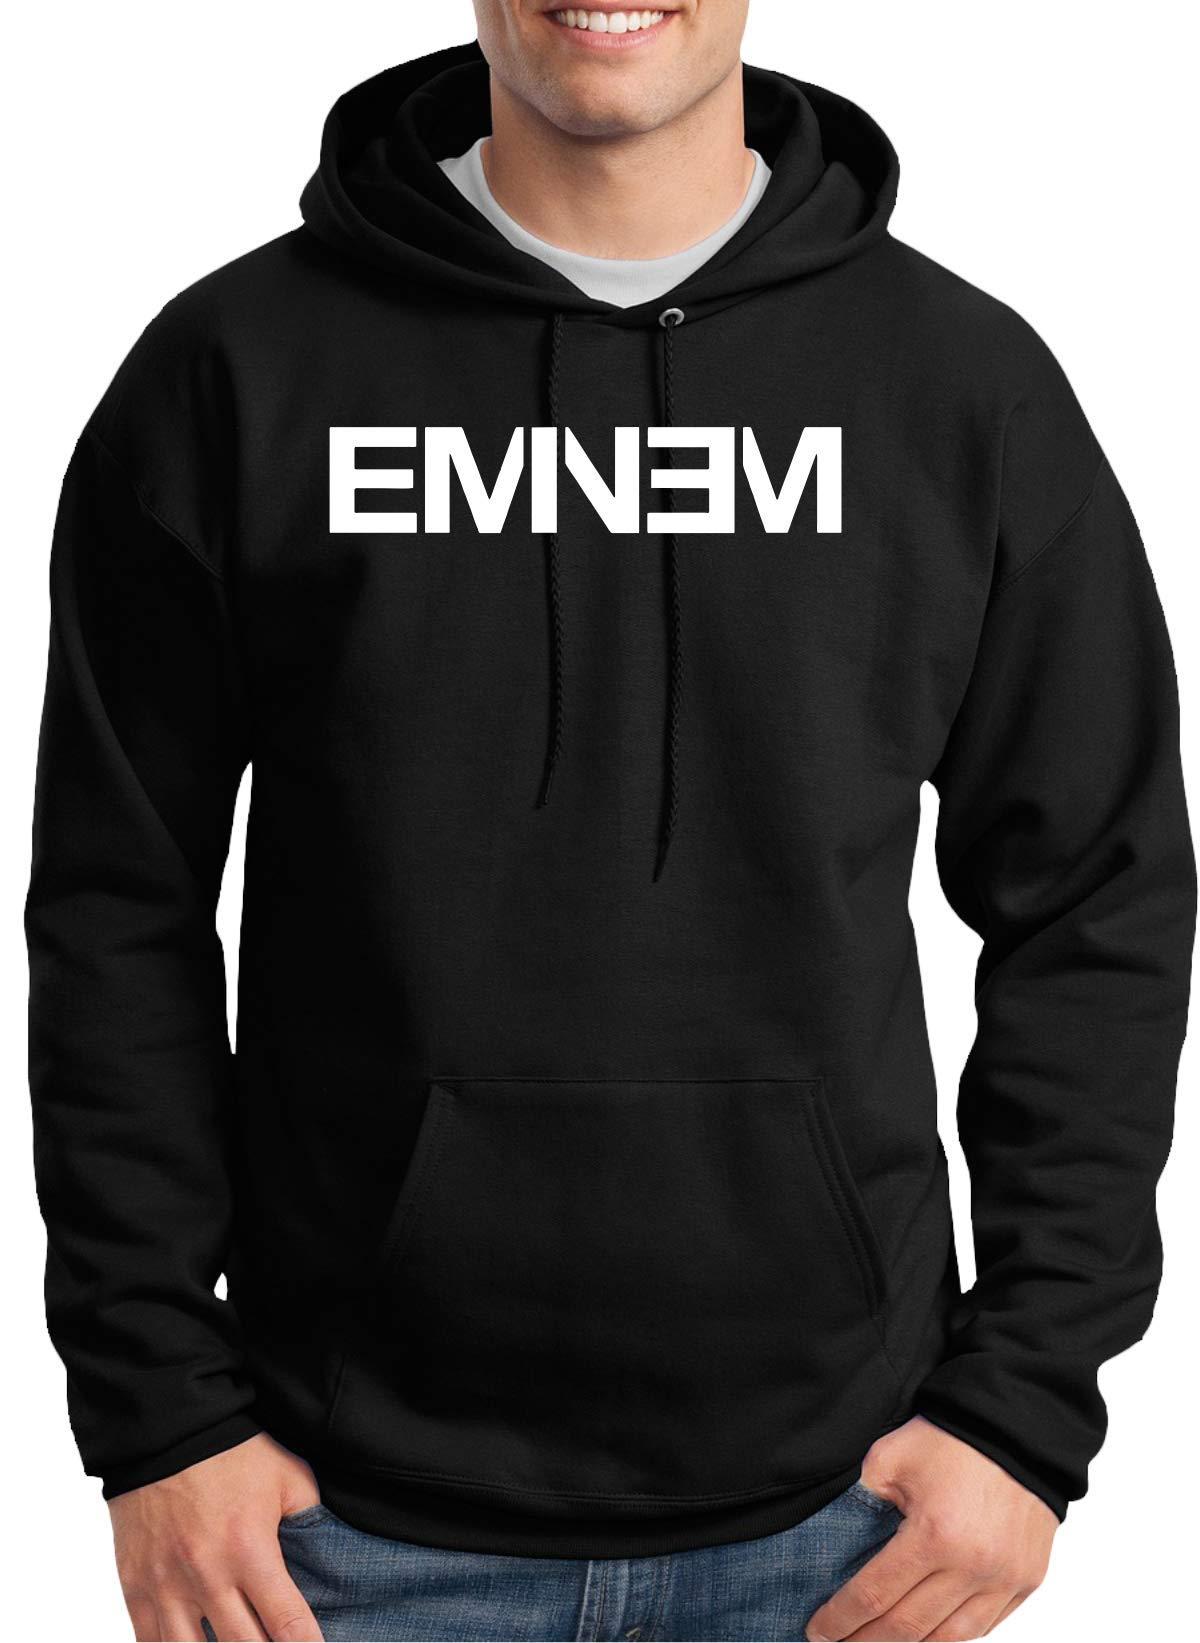 Myos Eminem Black Shirts